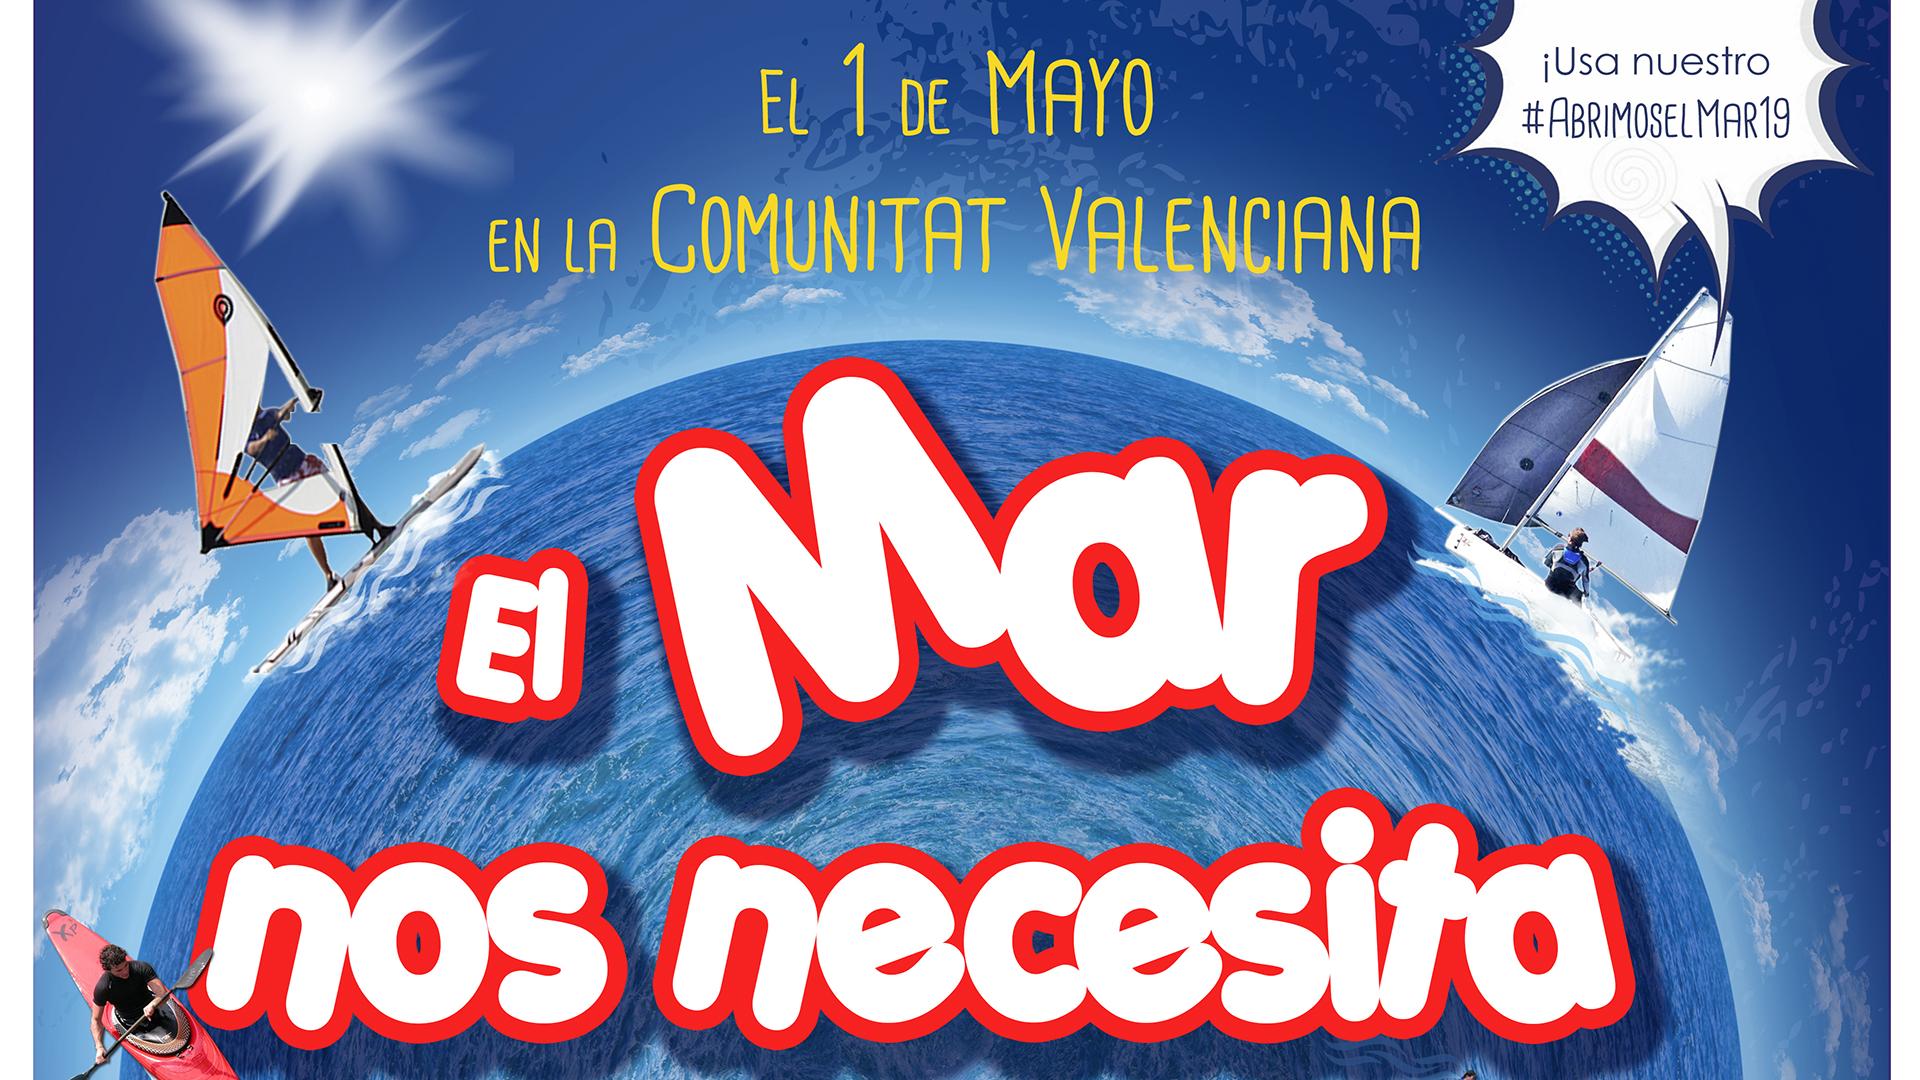 Abrimos el Mar 2019 - Club Náutico Campello